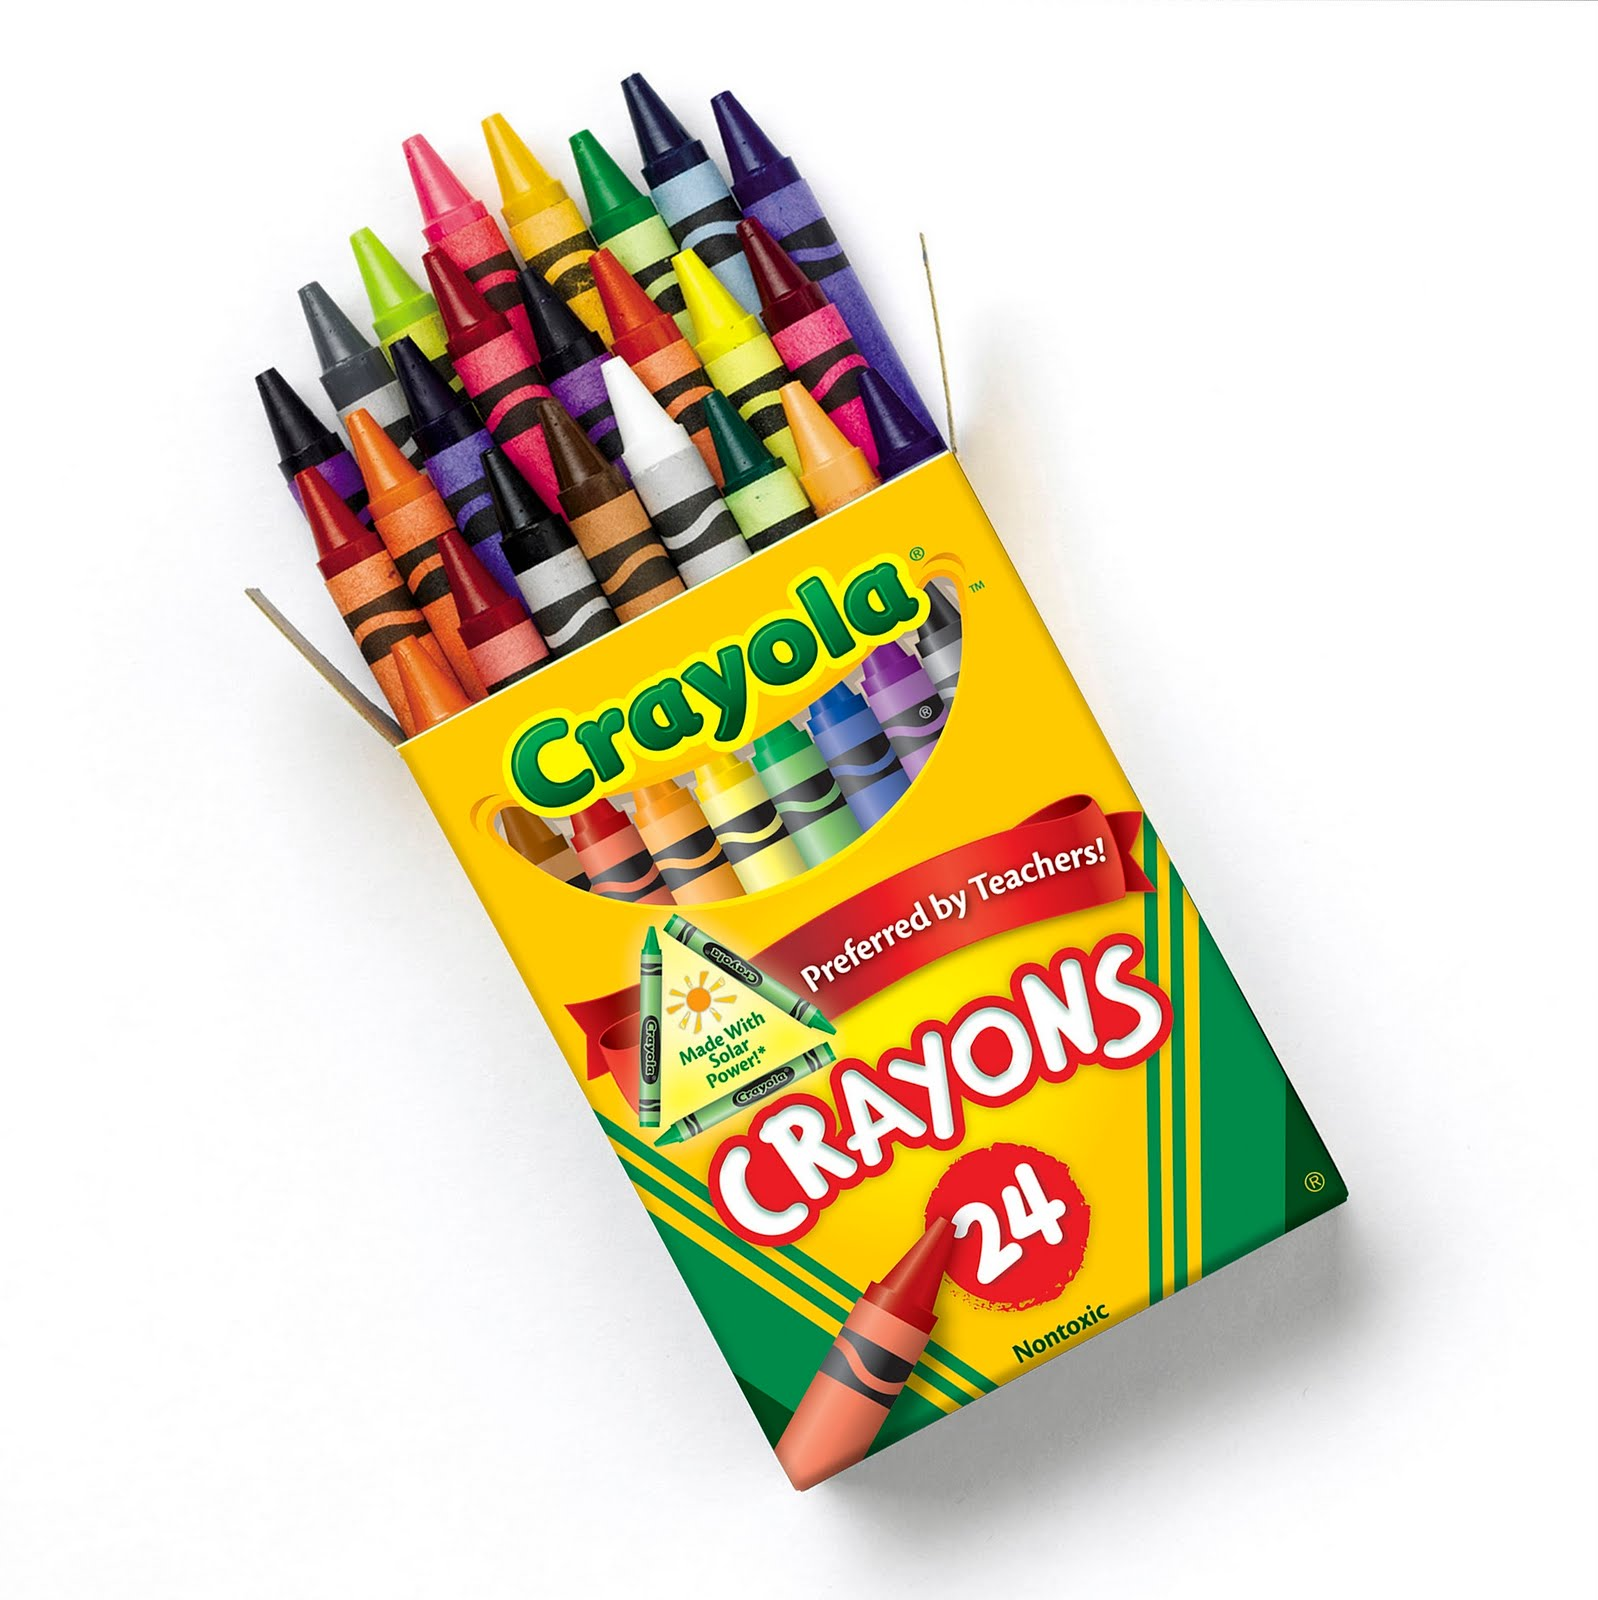 Prayer Crayons – Coloring Your Prayers